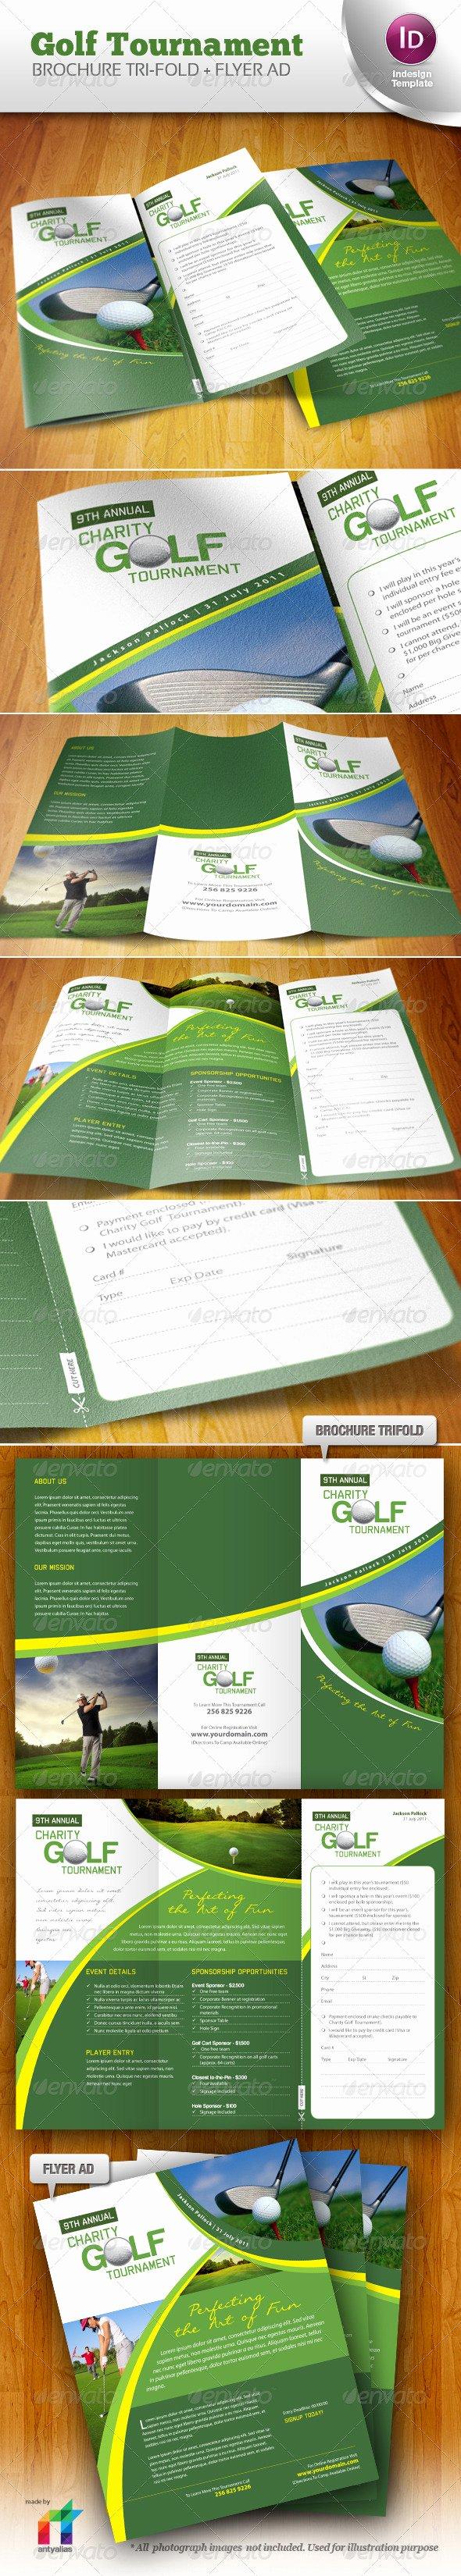 Golf tournament Brochure Template Best Of Golf tournament Brochure Trifold Flyer Ad